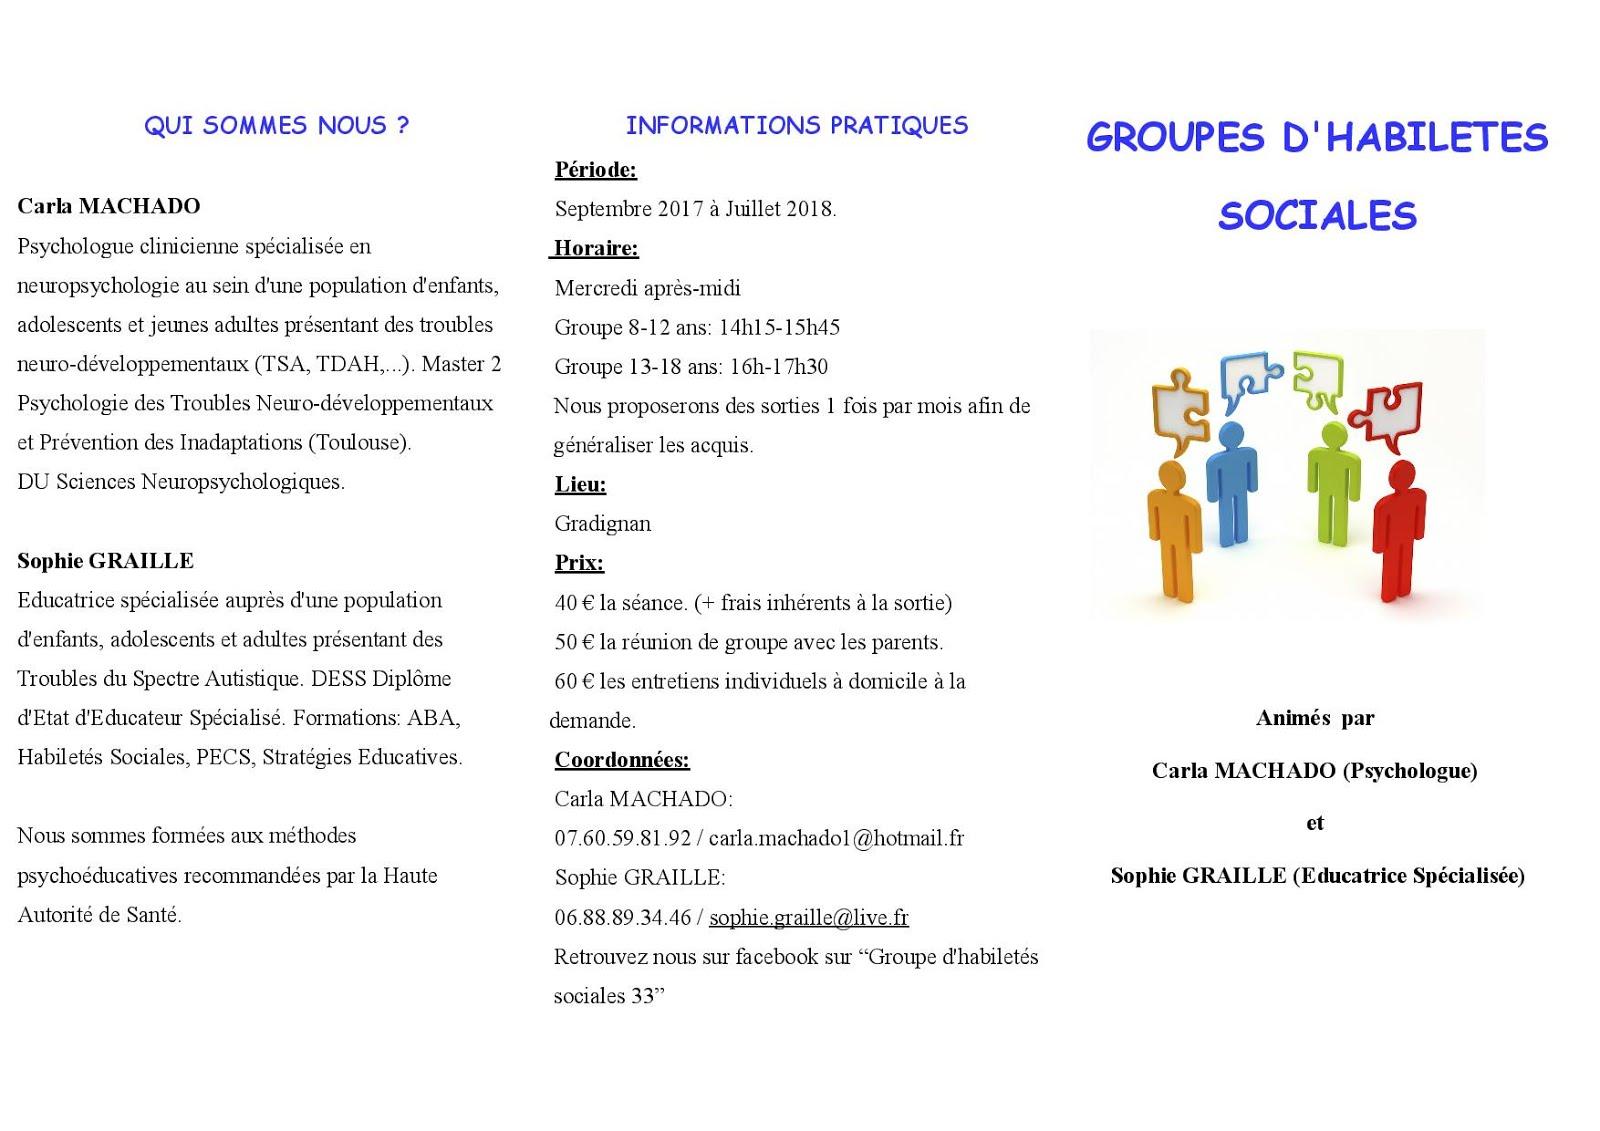 Groupes d'habiletés sociales